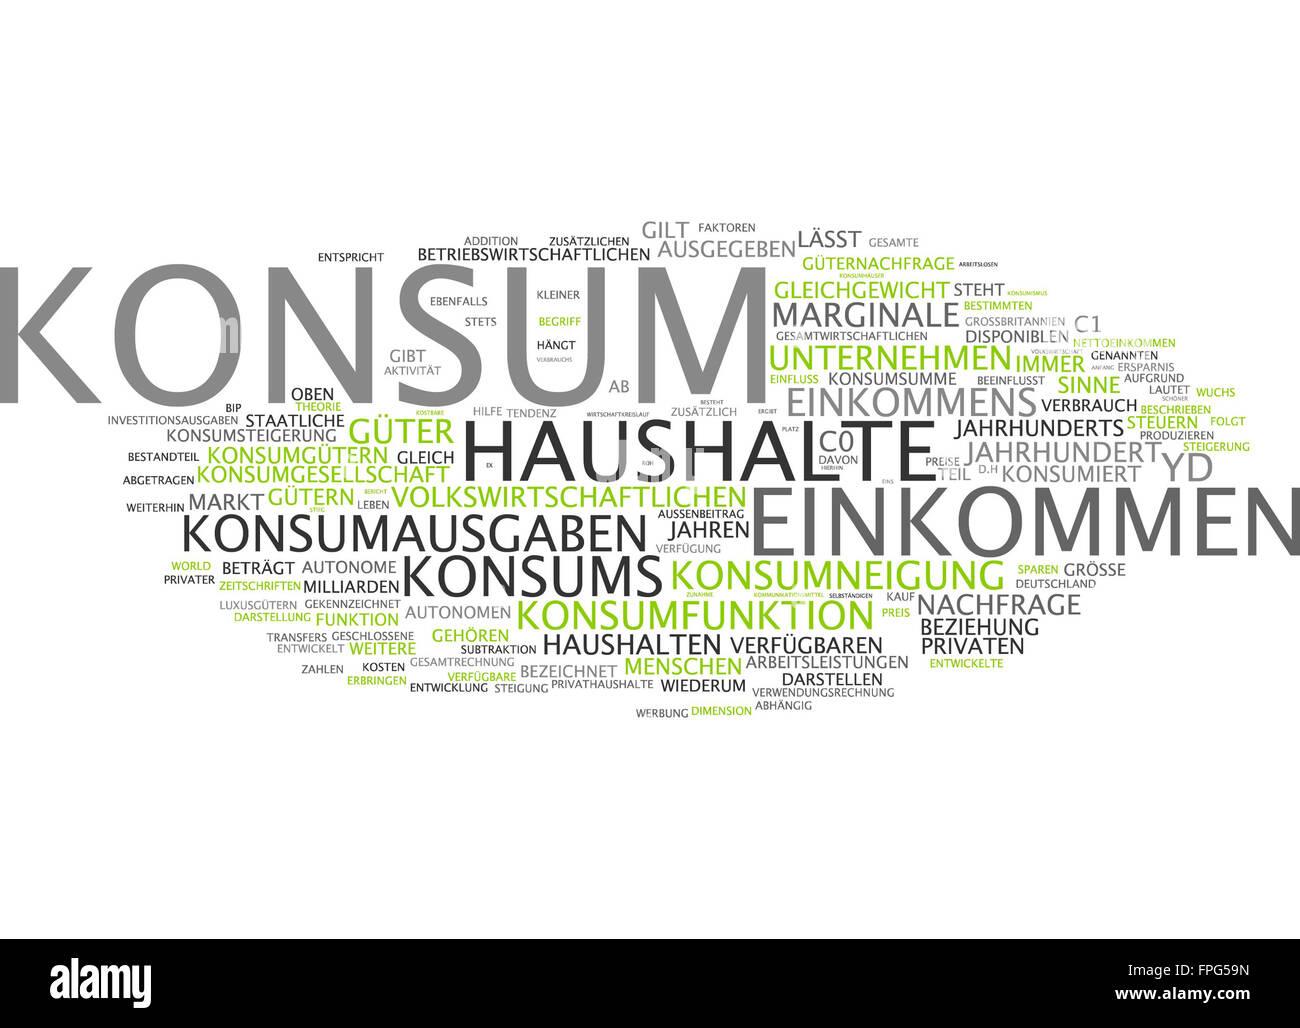 Konsumgüter Stockfotos & Konsumgüter Bilder - Alamy